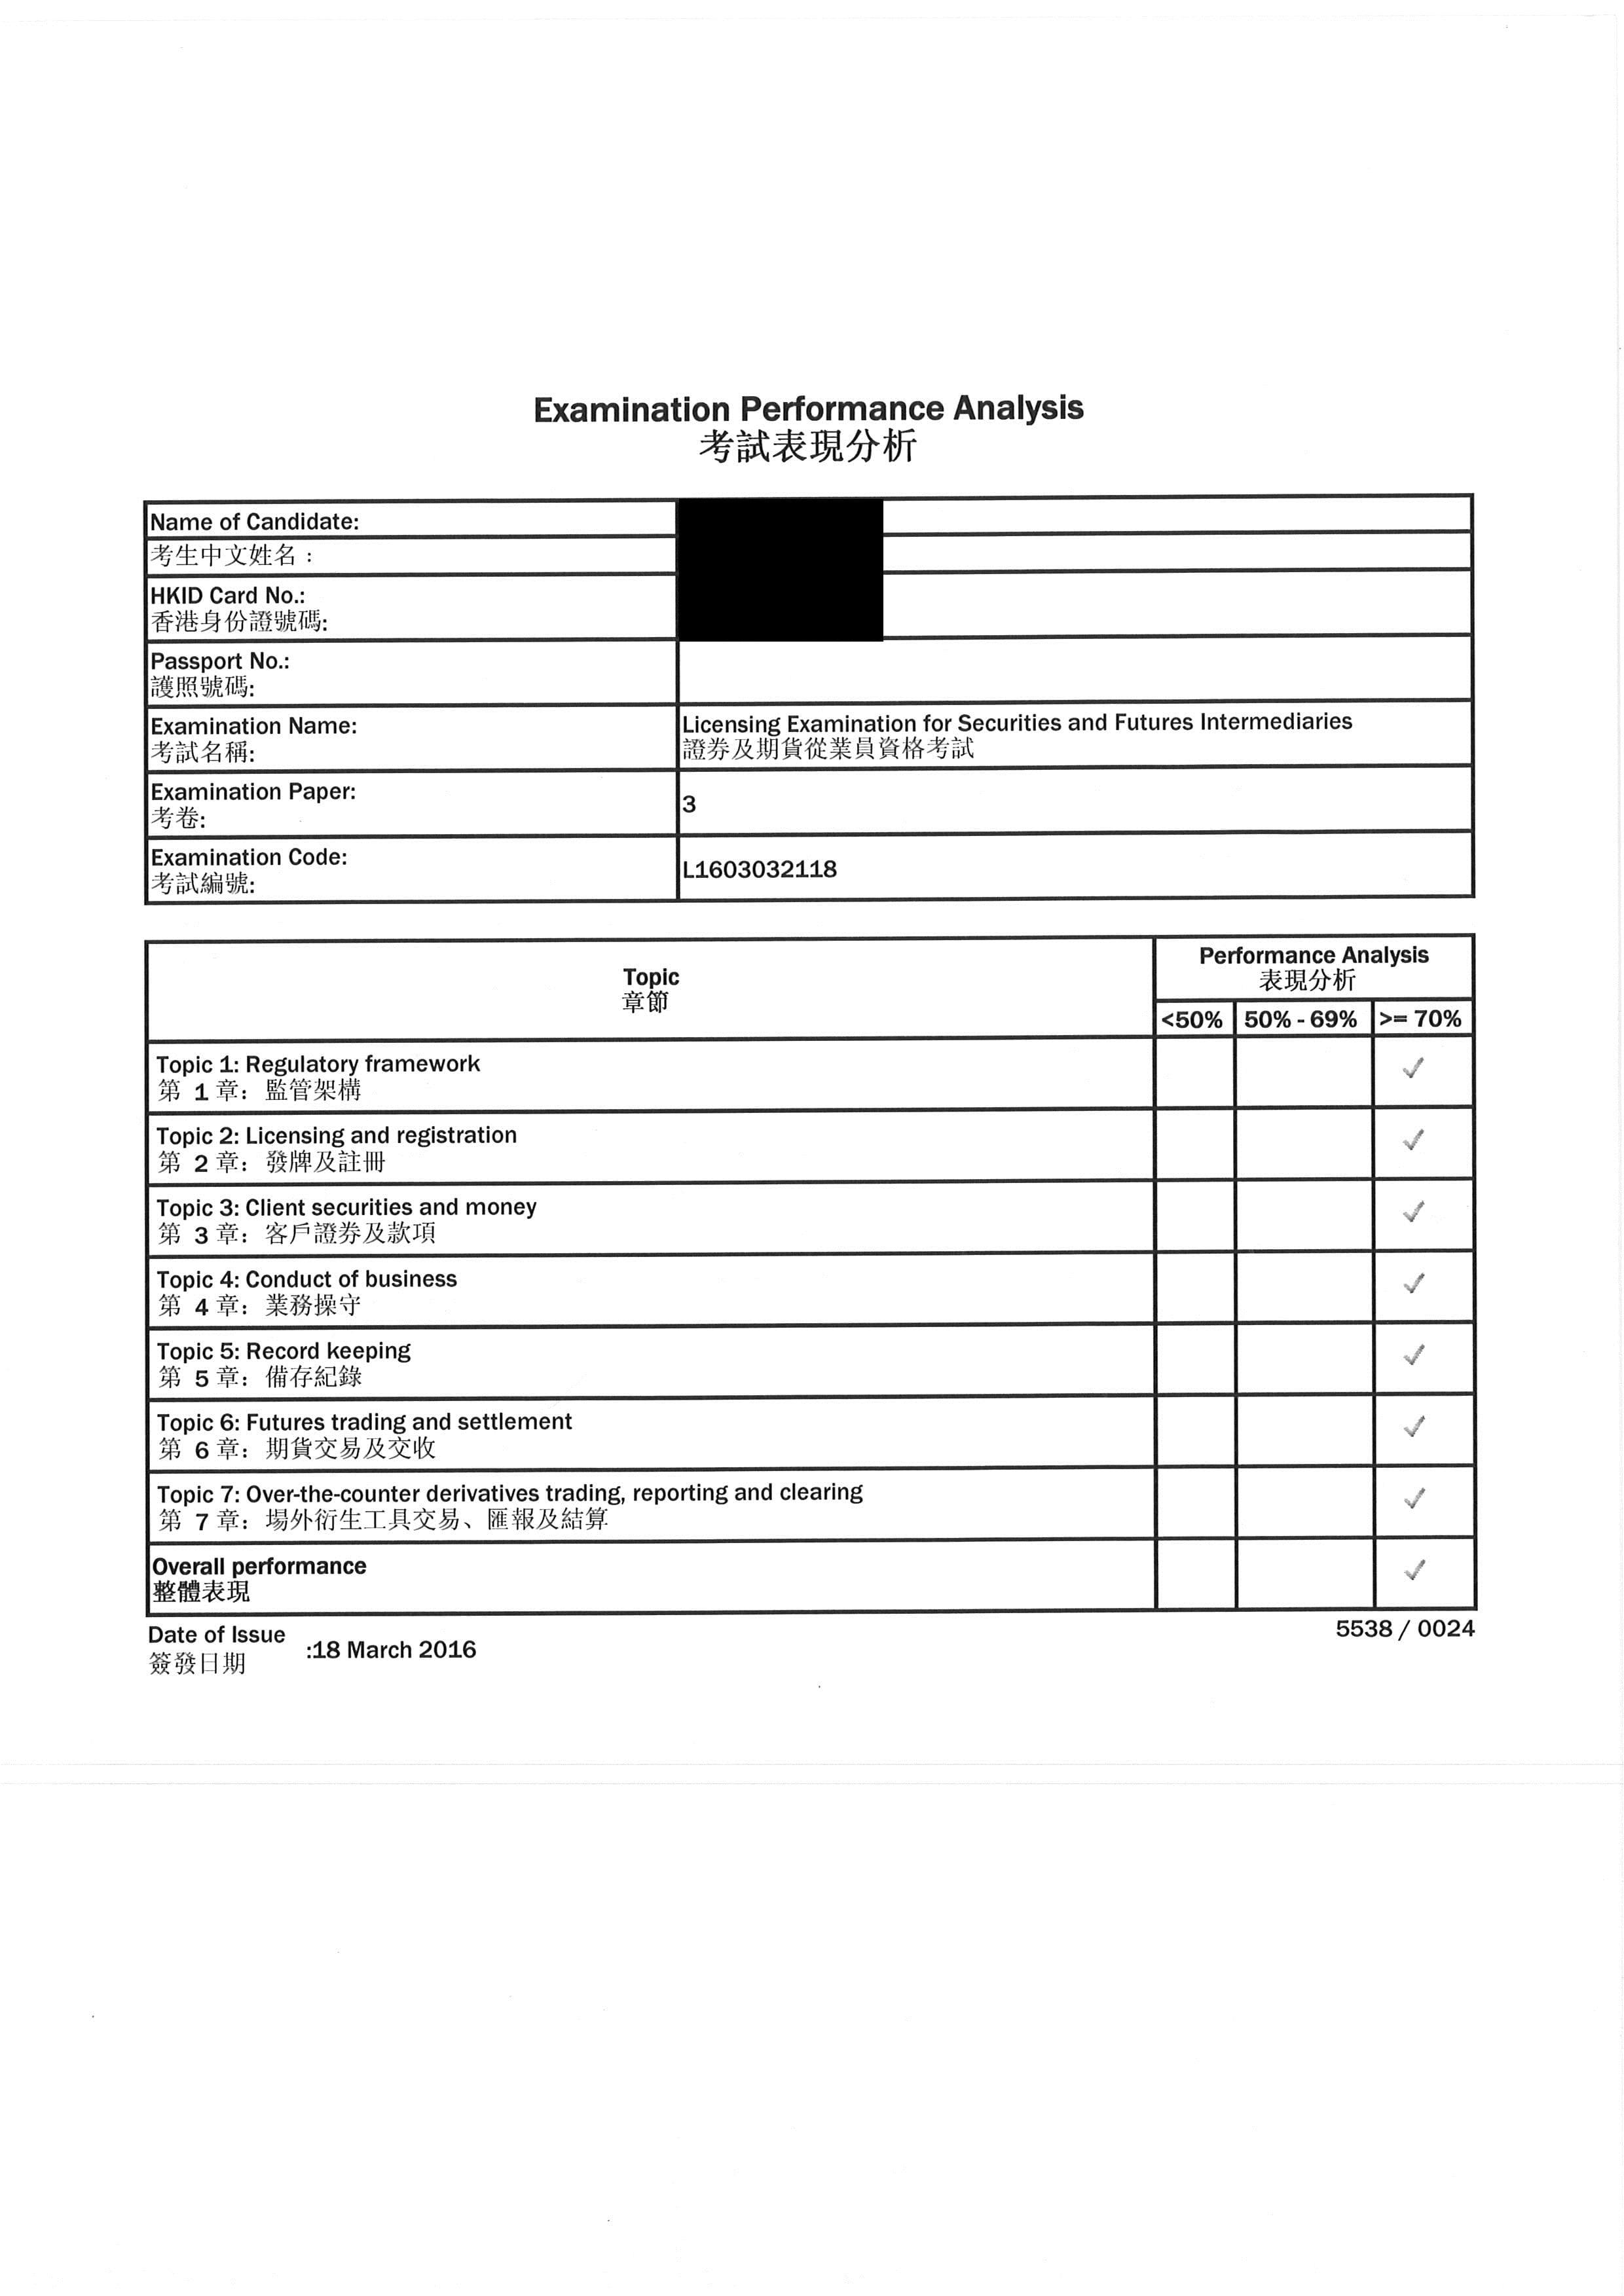 CK 18/3/2016 LE Paper 3 證券期貨從業員資格考試卷三 Pass